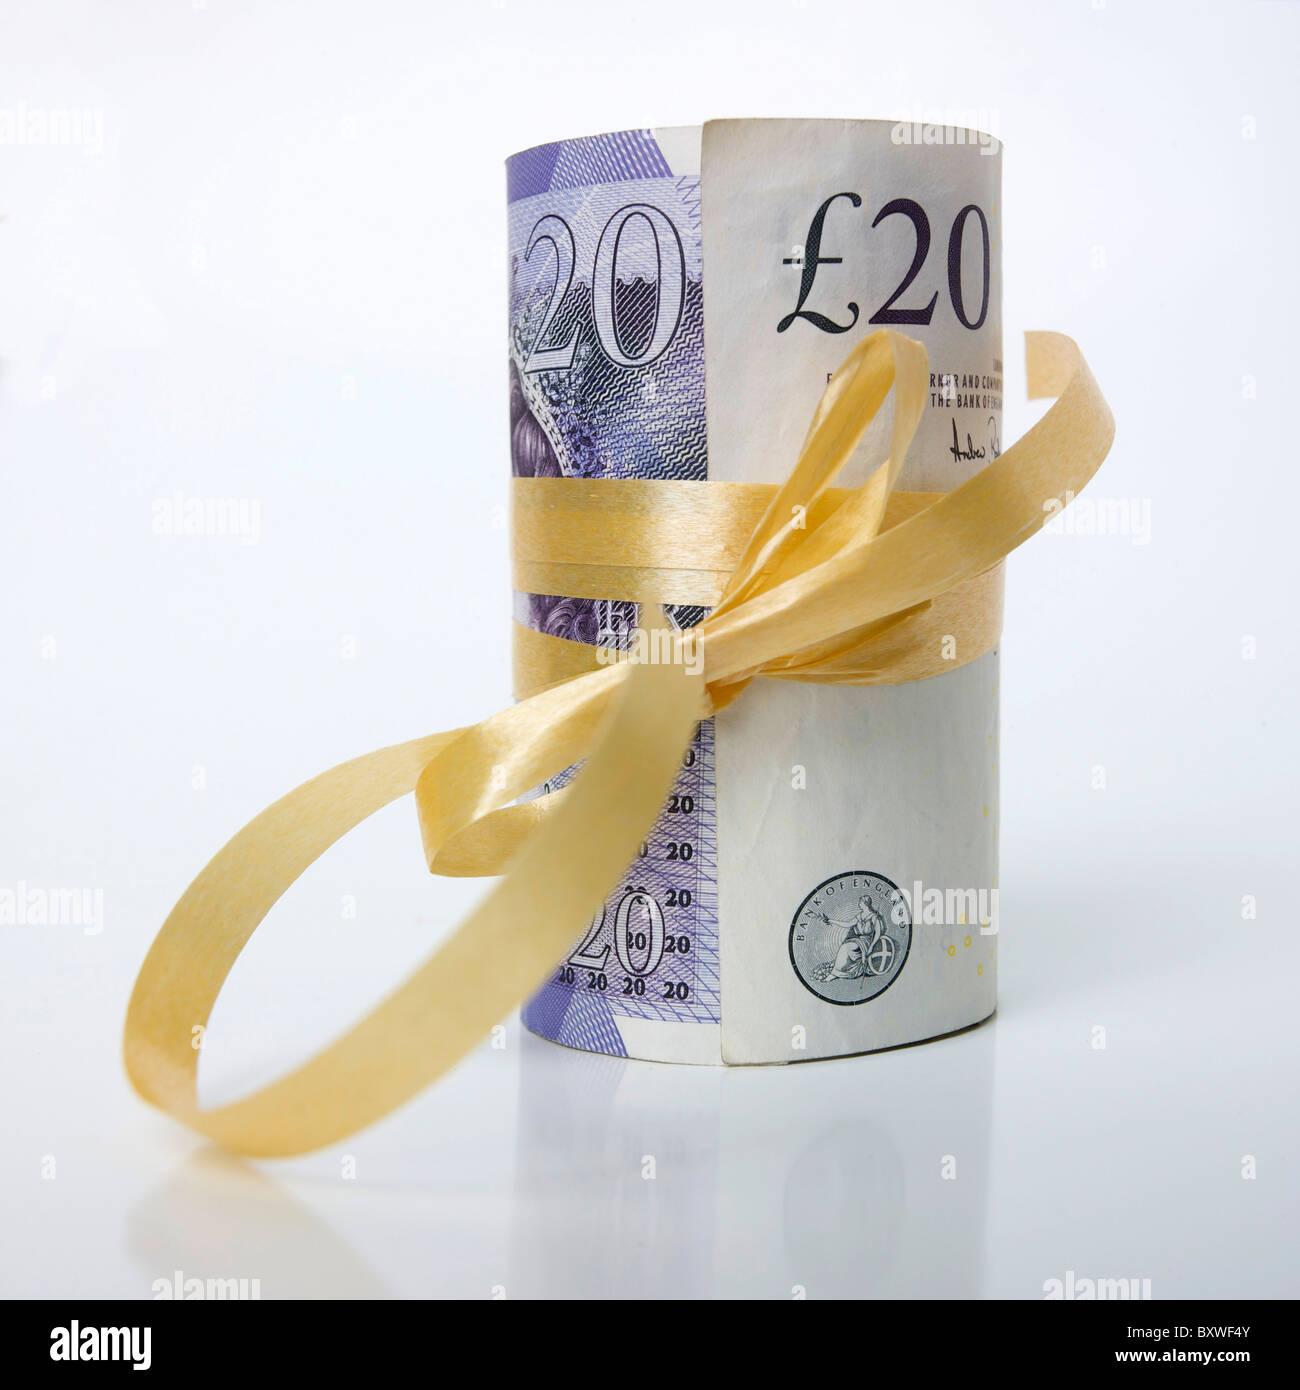 Tas de billets, de laminés / britannique UK livre sterling GBP - argent / cadeaux / concept d'épargne Photo Stock